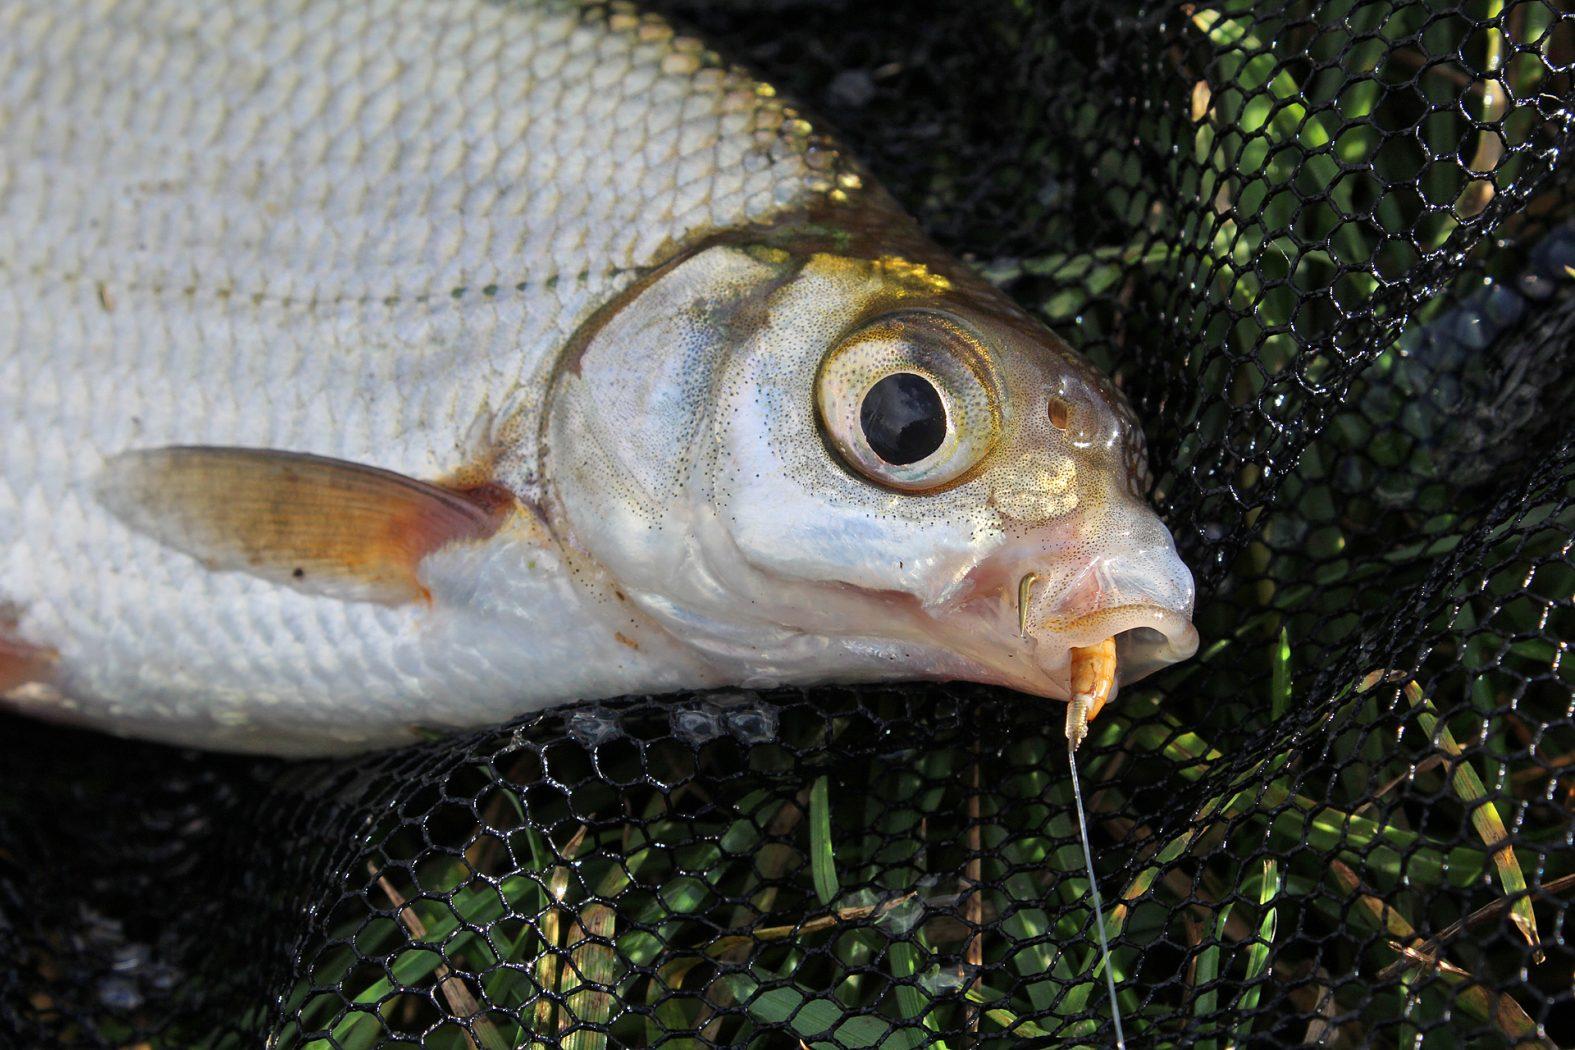 Friedfisch angeln mit Mehlwurm als Köder